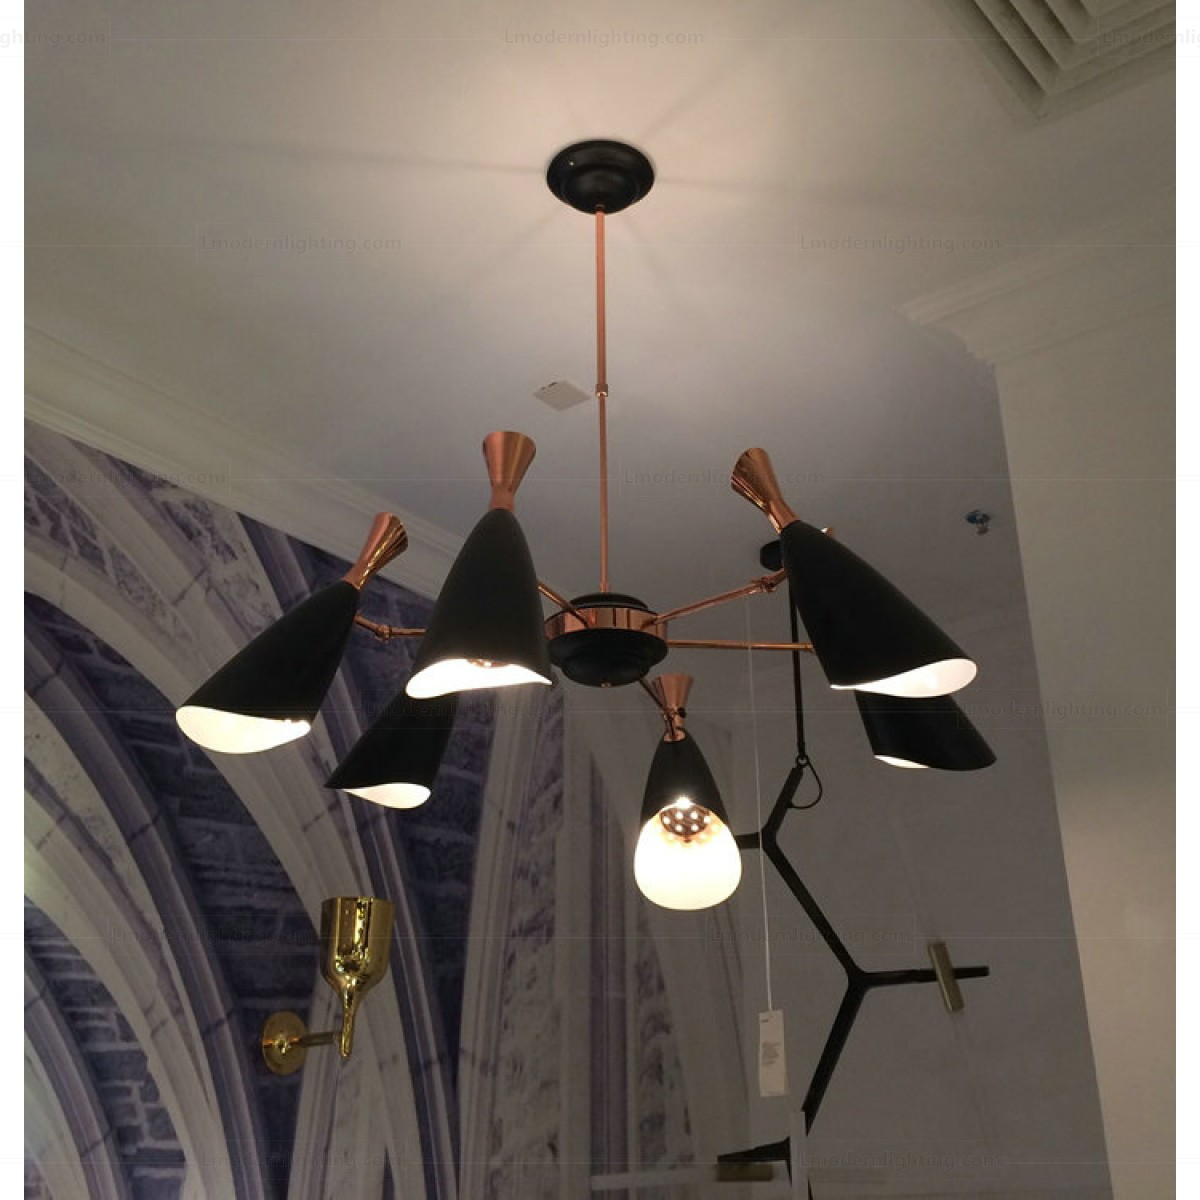 Duke chandelier 6 lights04